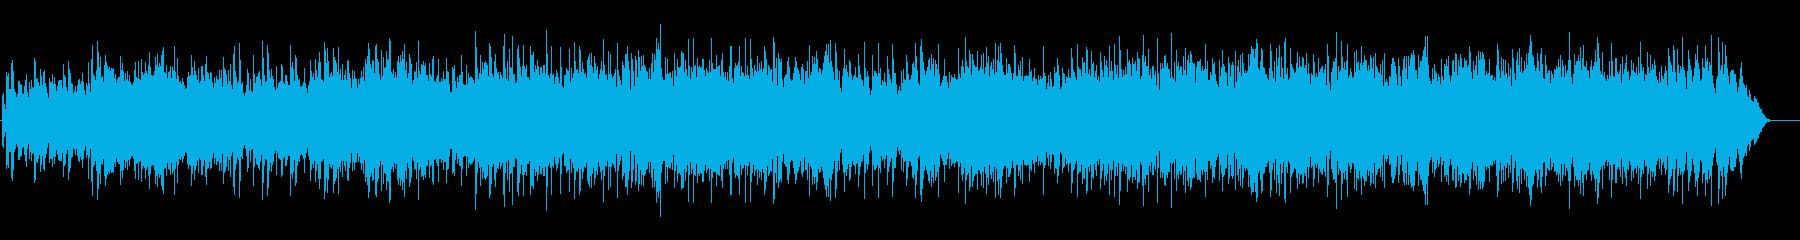 晴れわたる流麗なソフト・バラードの再生済みの波形